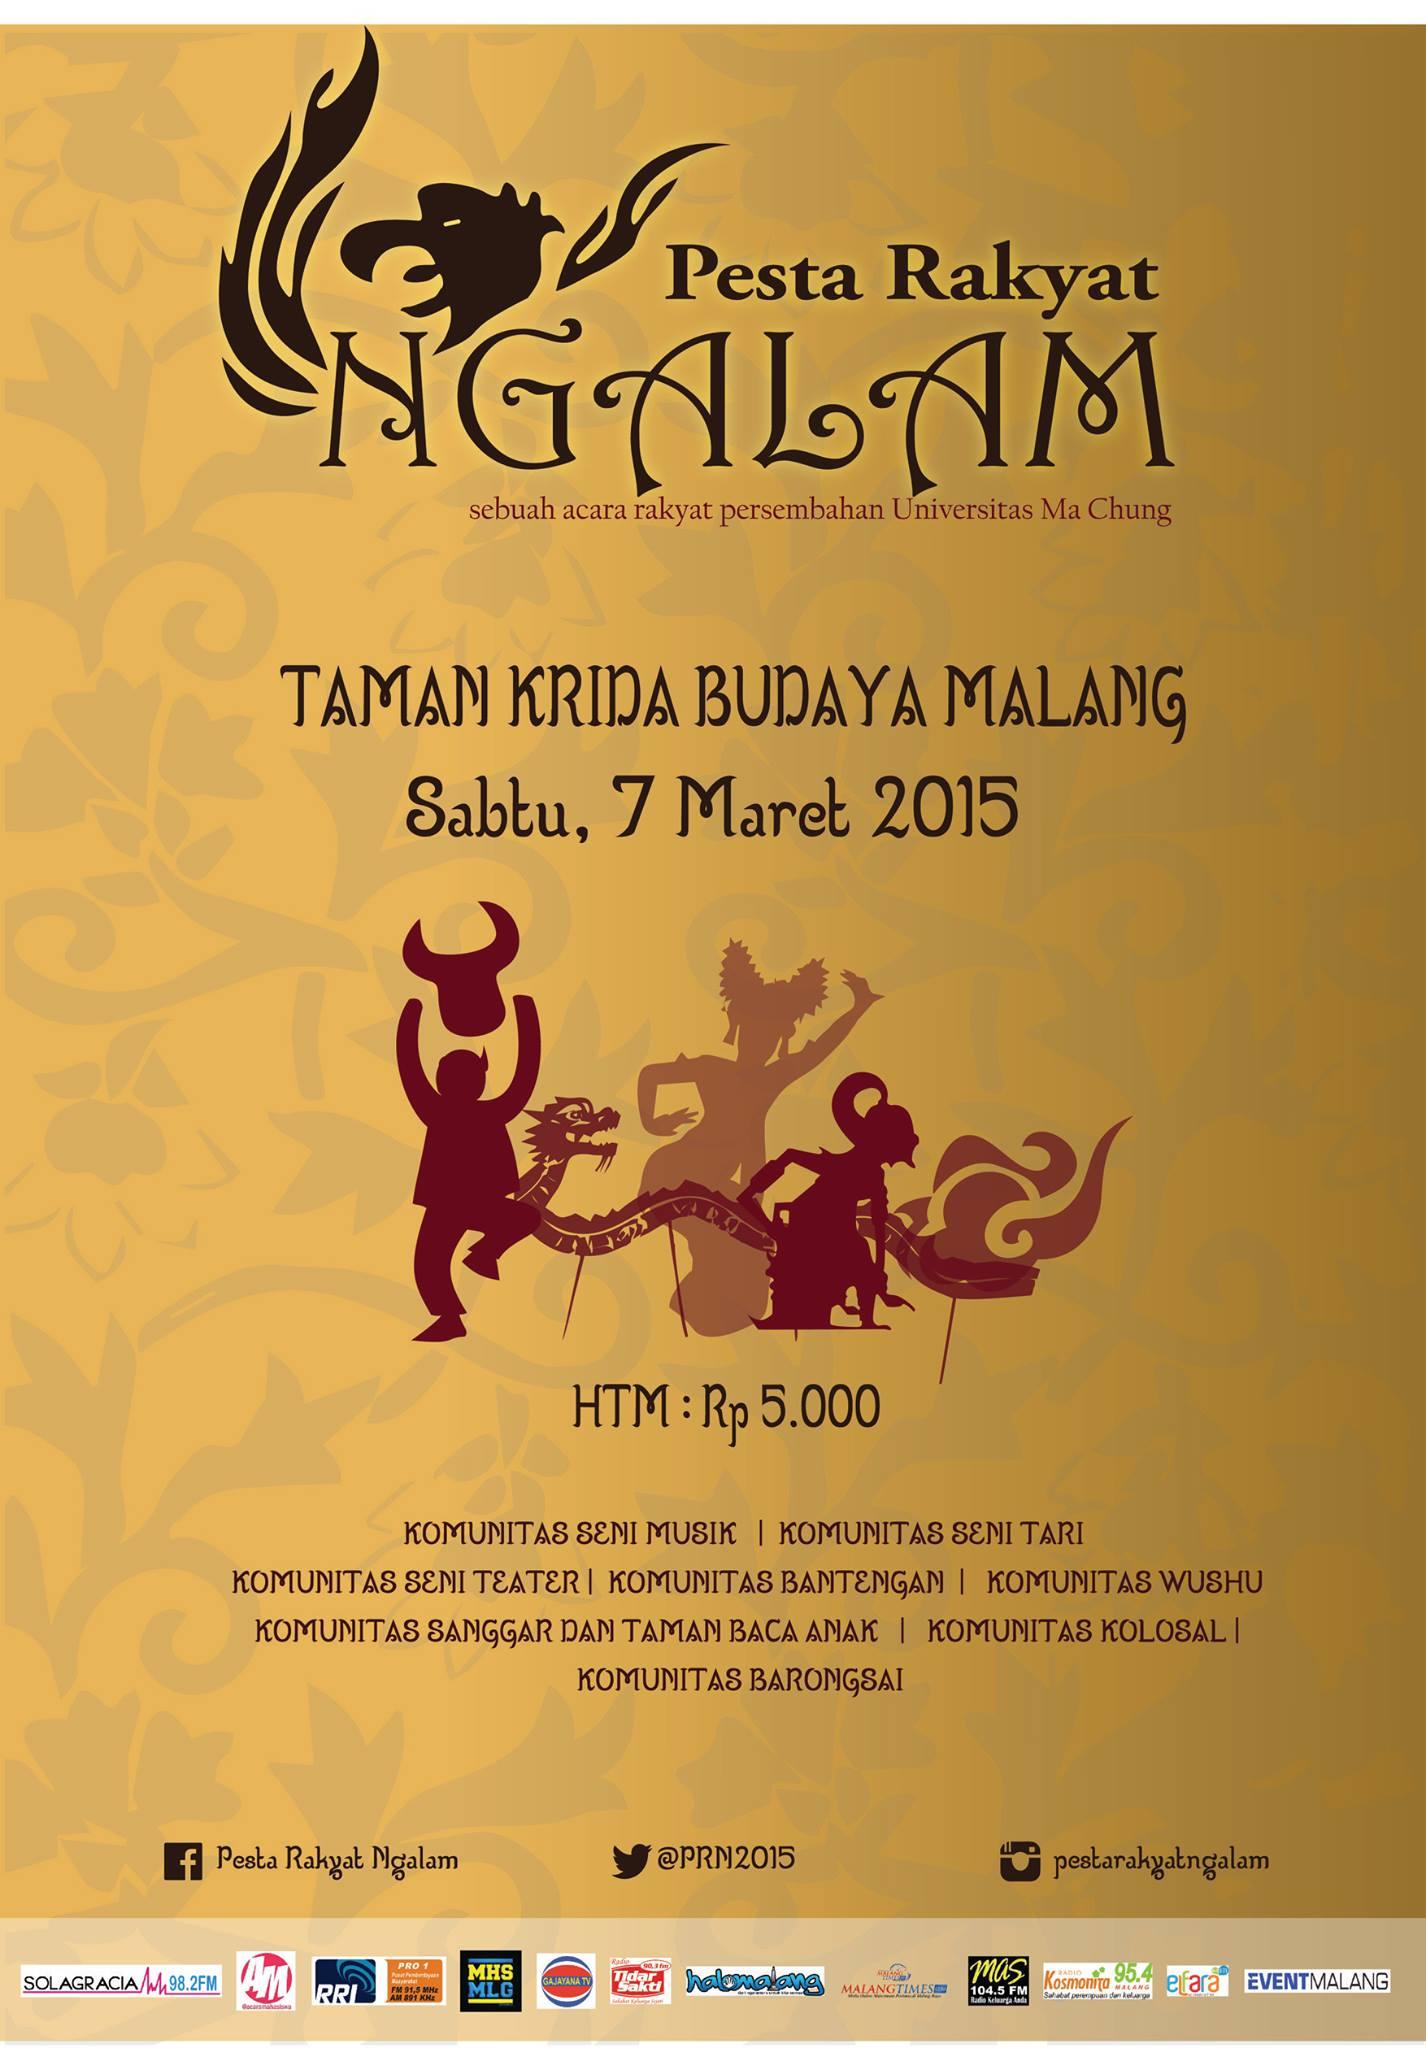 Pesta Rakyat Ngalam 2015 Malang